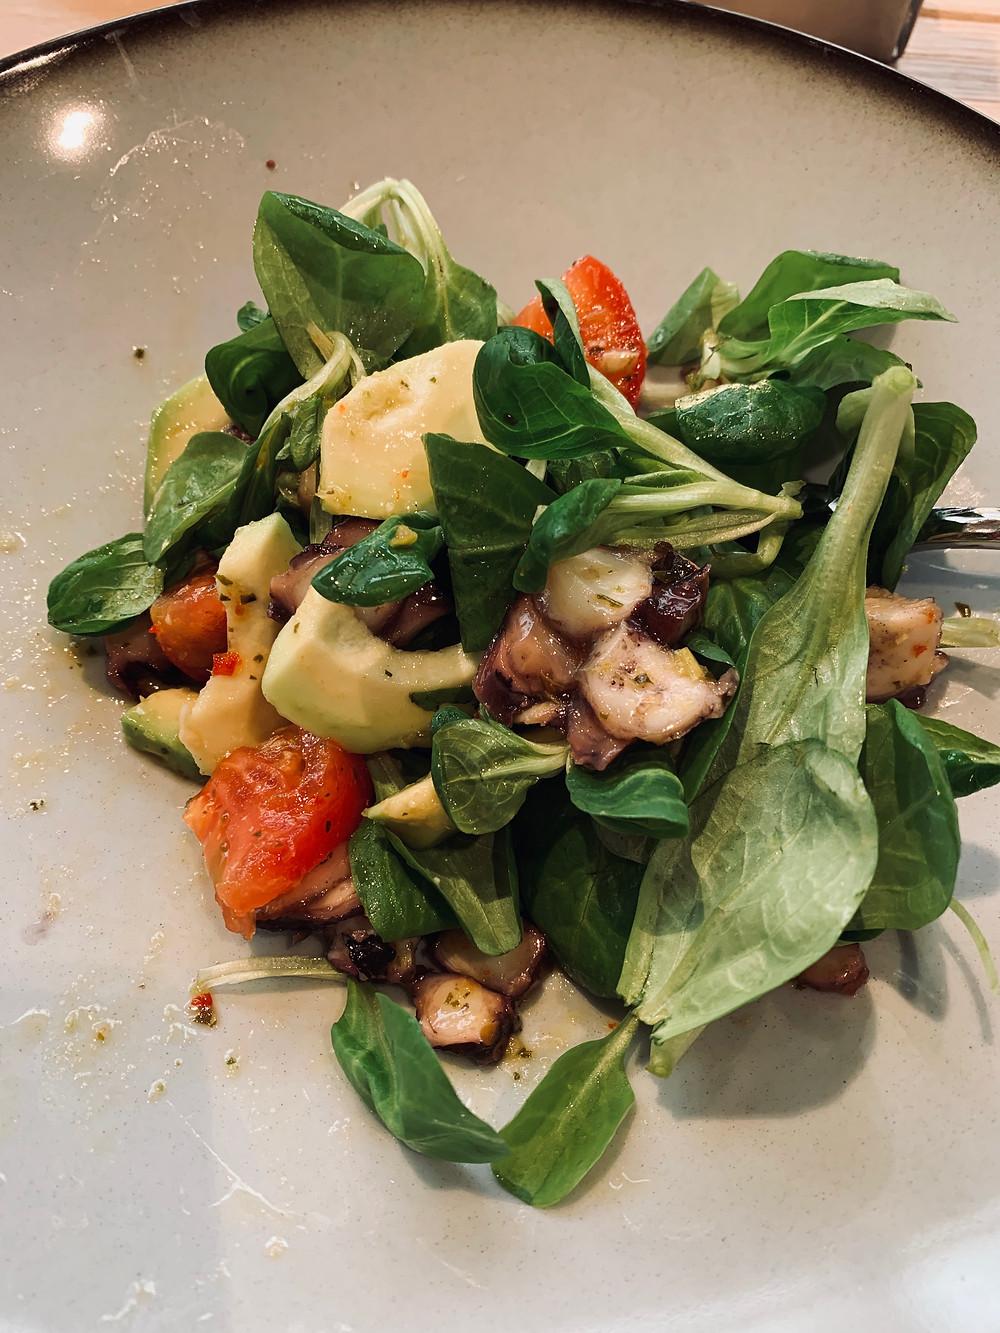 Необычный и простой в приготовлении салат с авокадо, помидорами и осьминогом